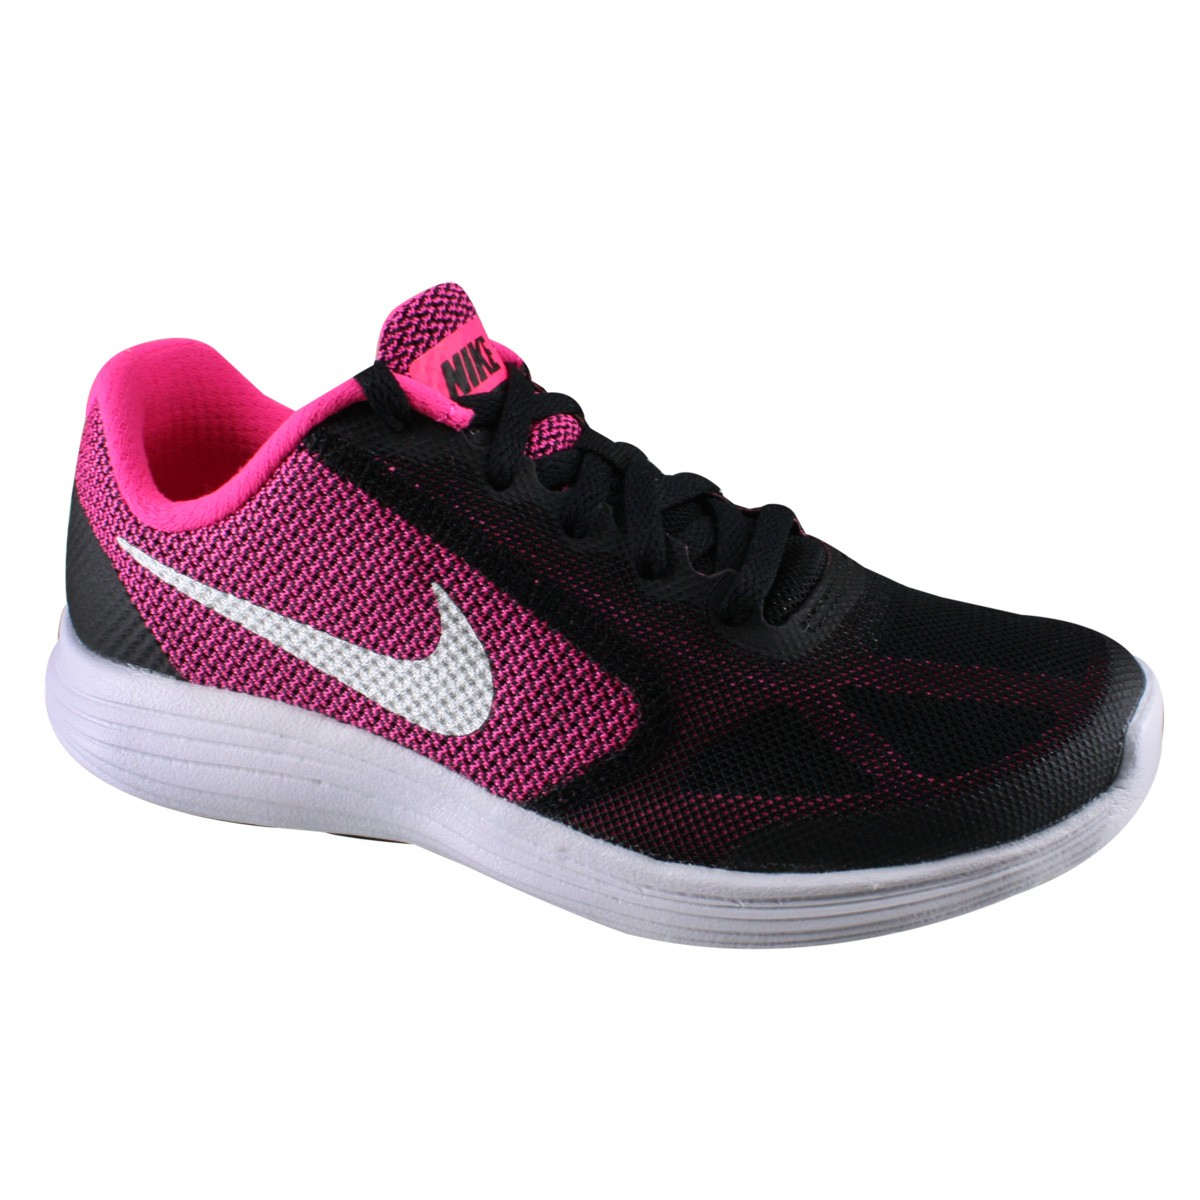 e099caccd Passe o mouse para ver detalhes. Amplie a imagem. Tênis Nike Infantil ...